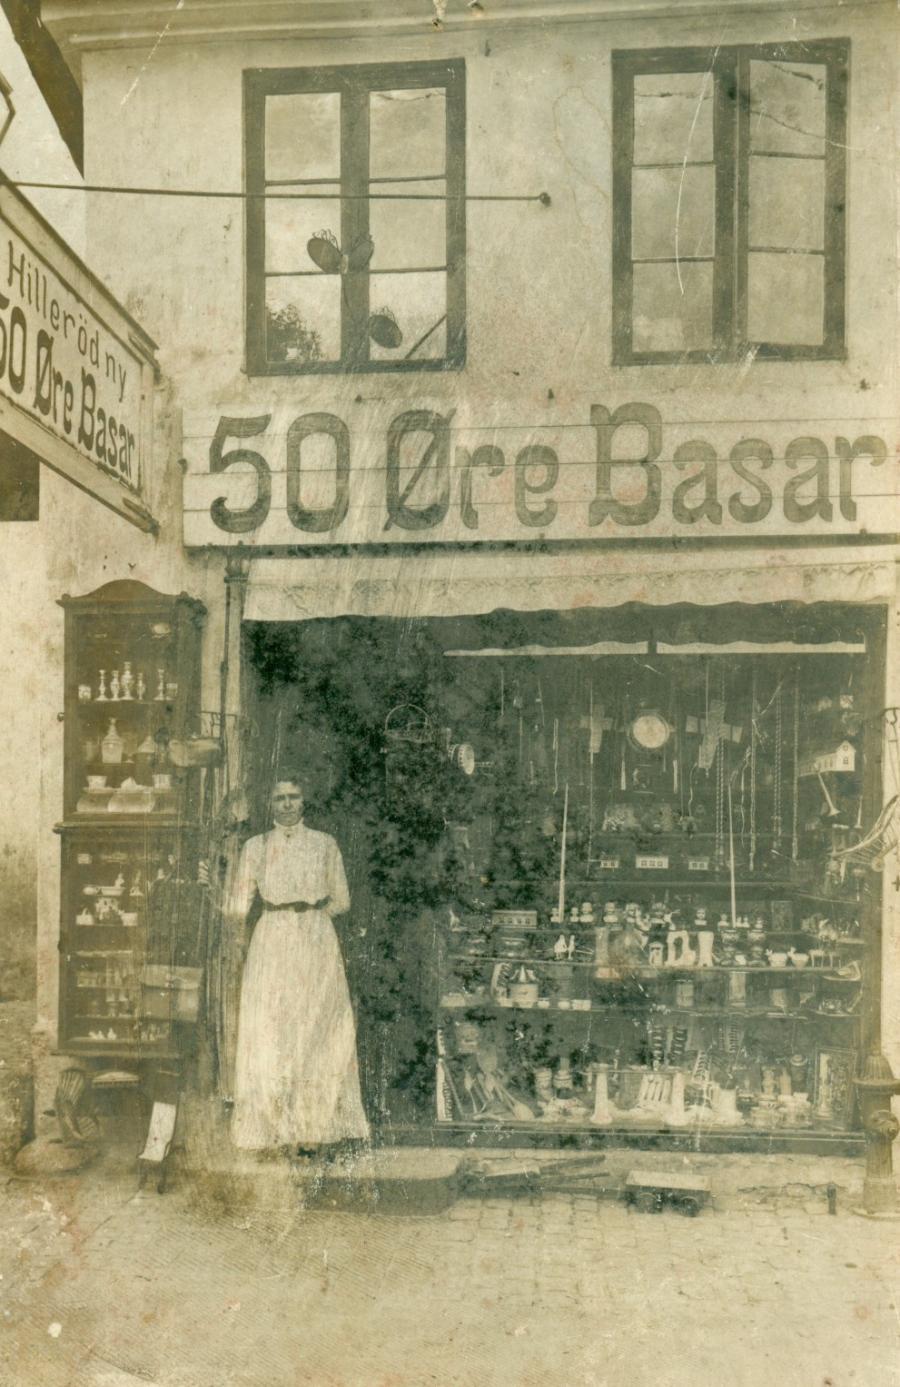 Hillerød 50 Øre Basar - Postkort